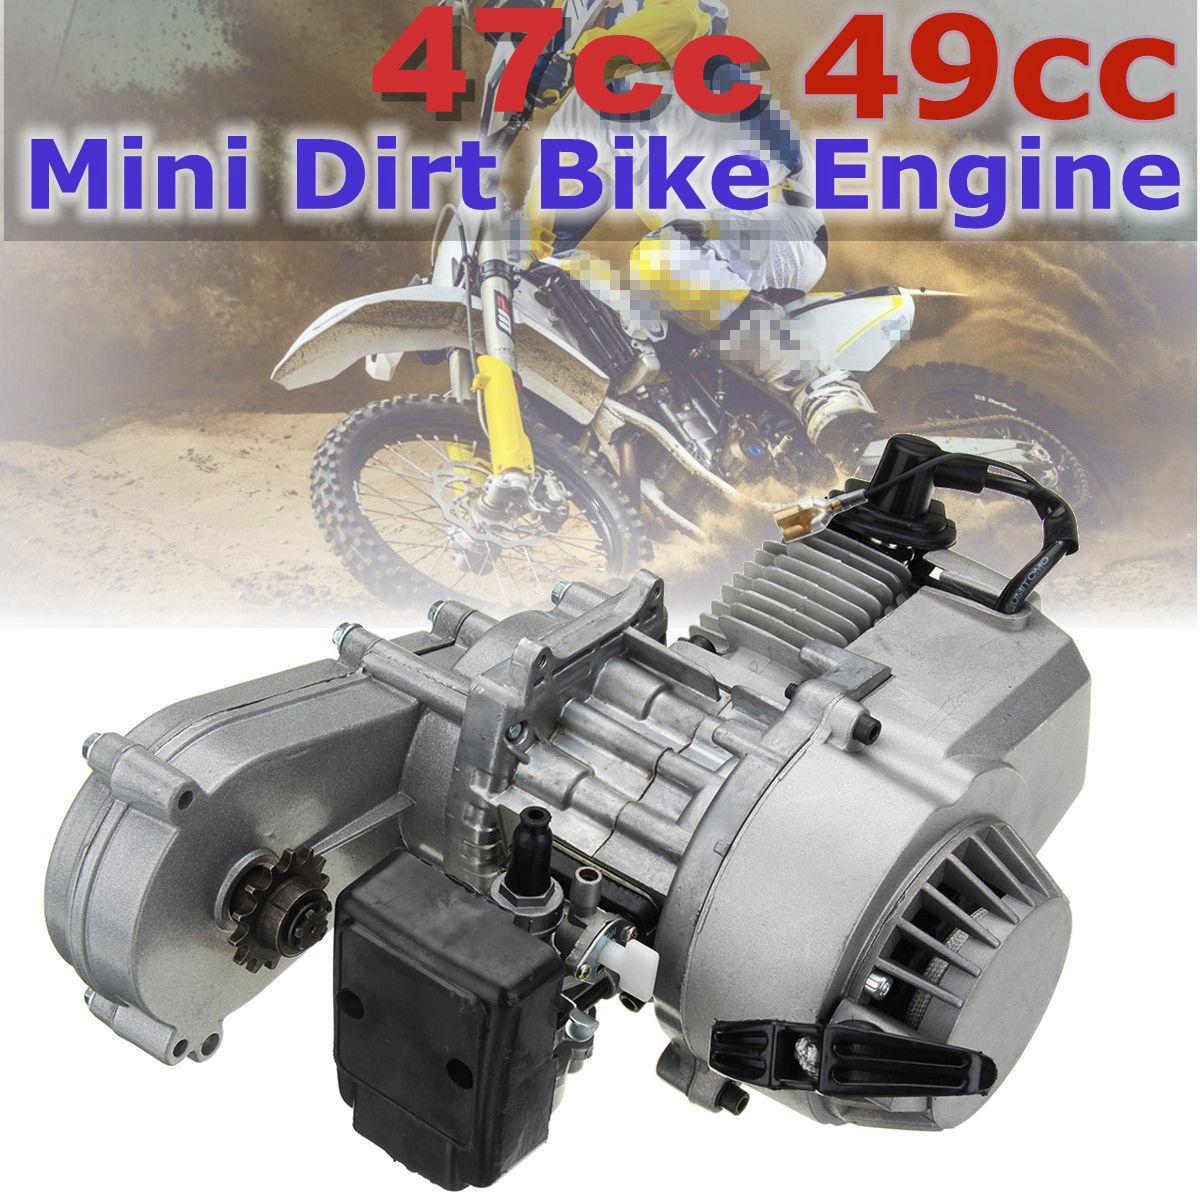 49cc 47cc мотоциклетные полный двигатель 2 х тактный двигатель старт тяги W/коробка передач Серебряный для мини байк